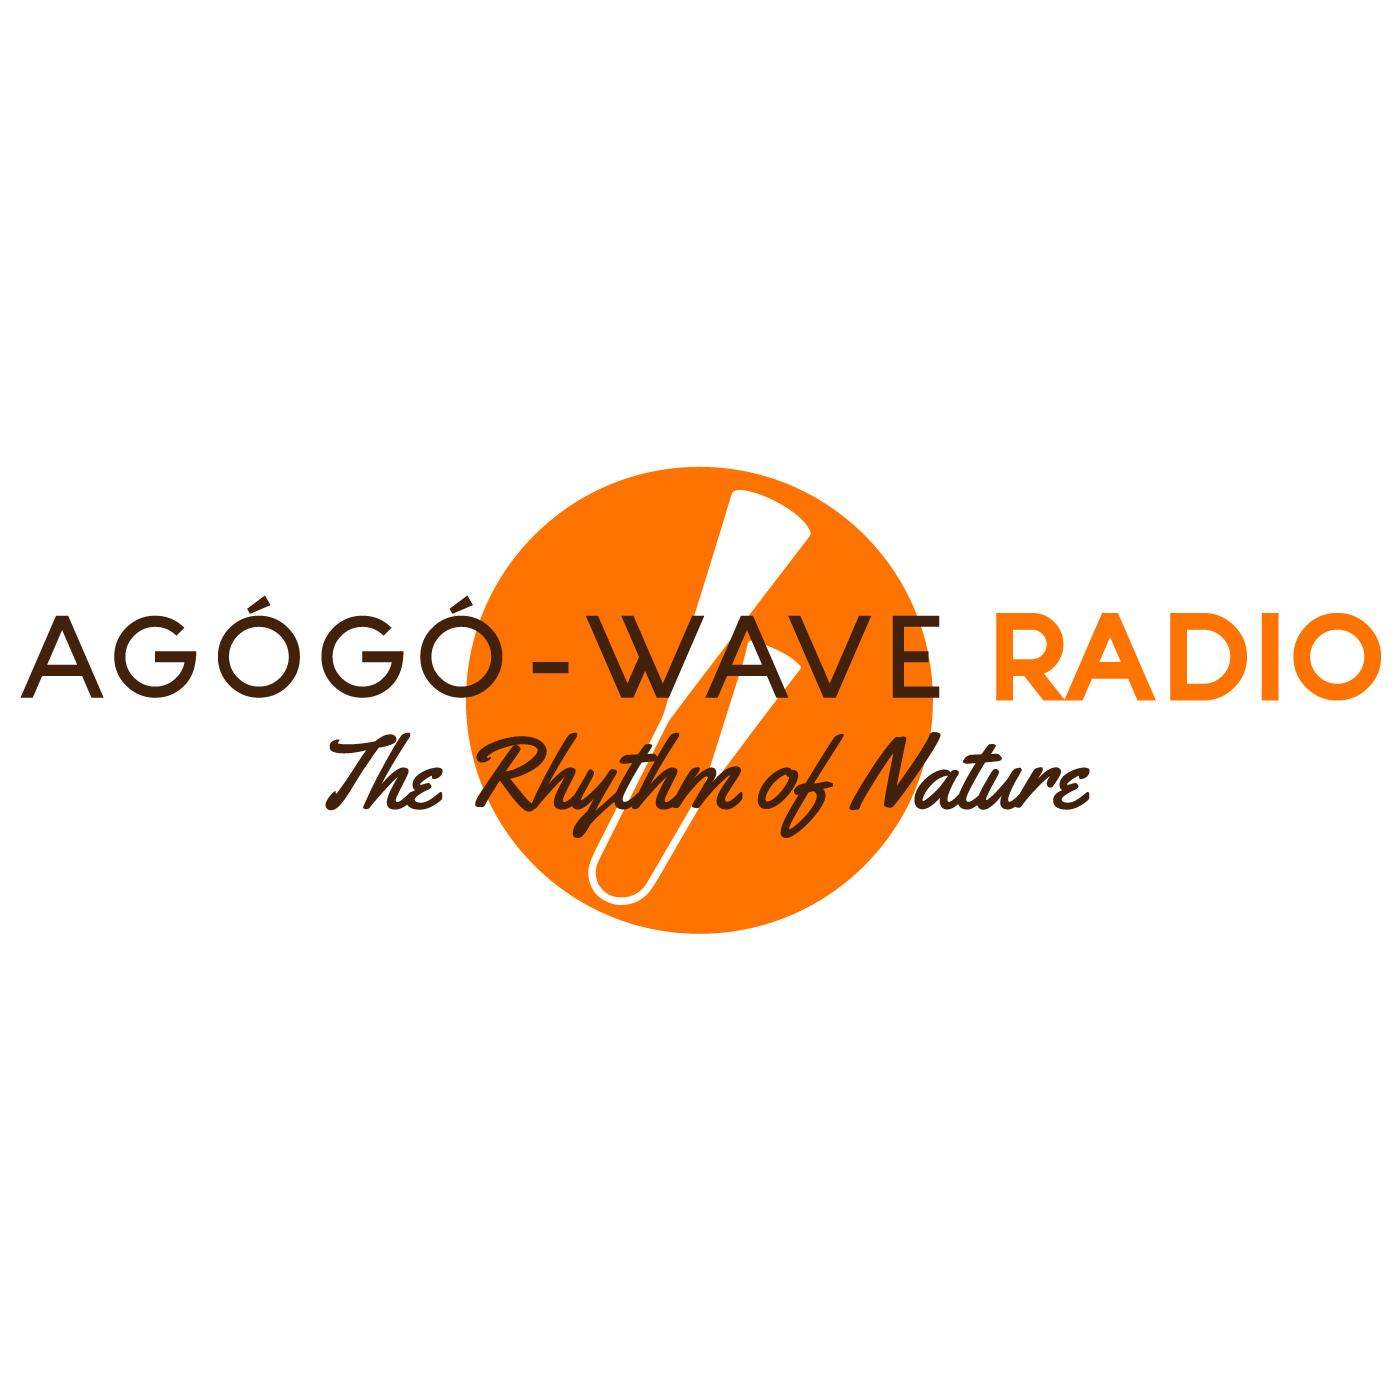 Agogo-wave Radio